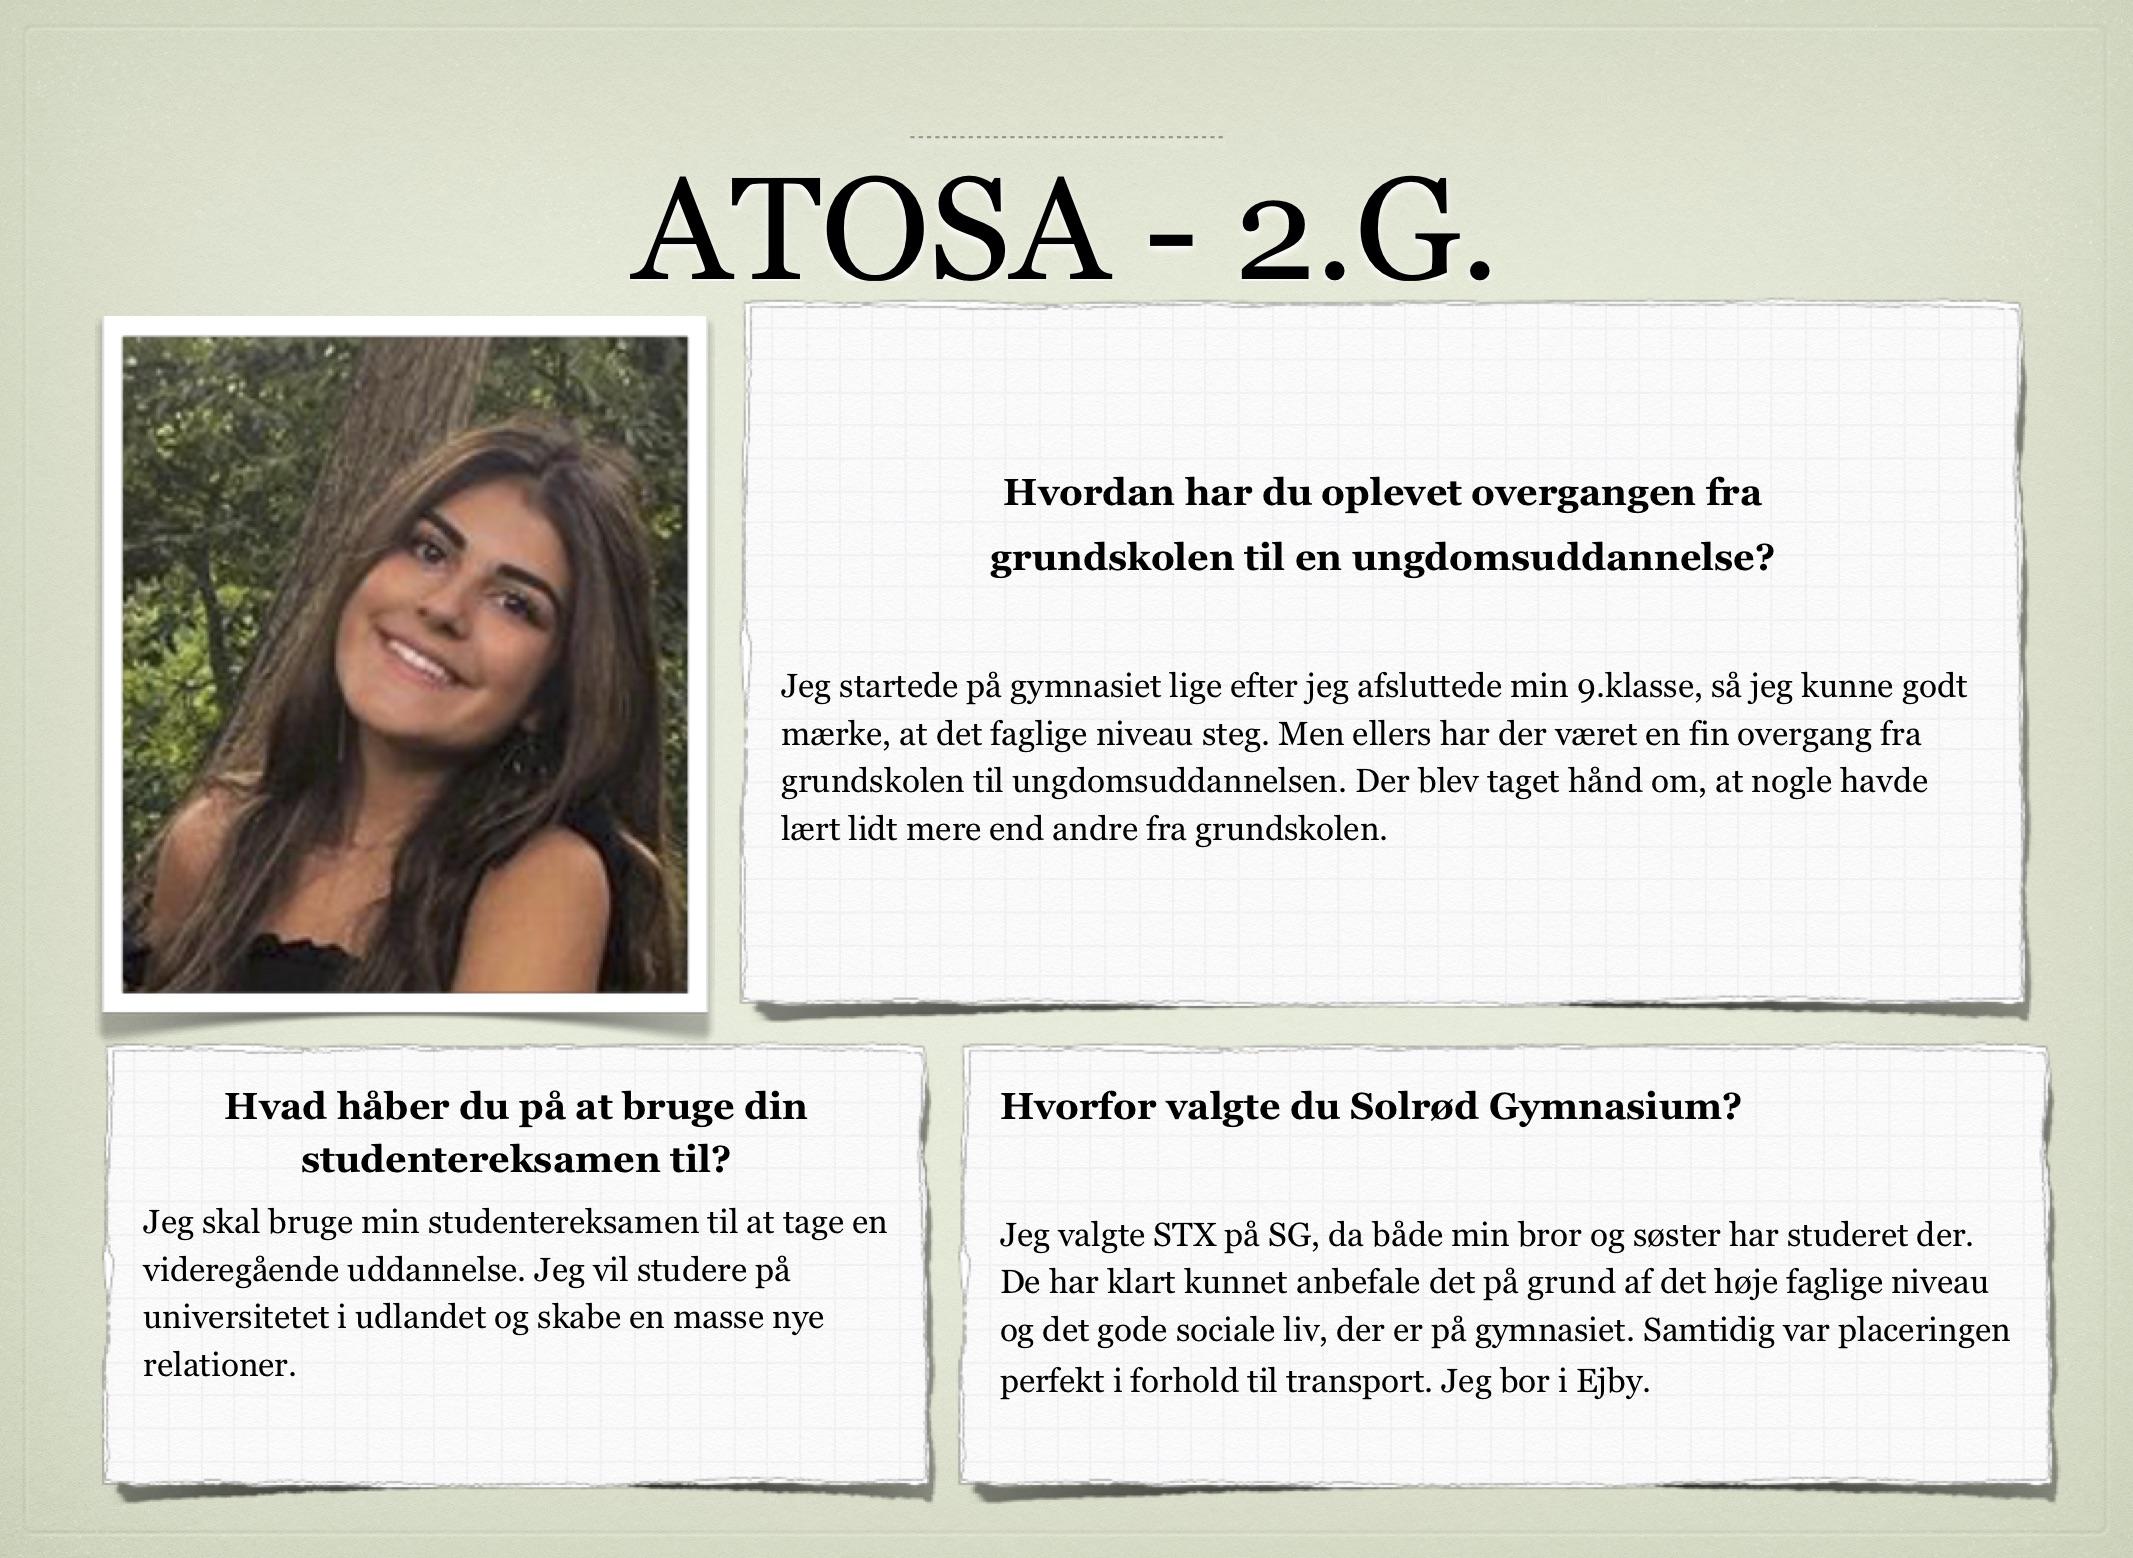 Kollage af Atosa 2.G's udsagn